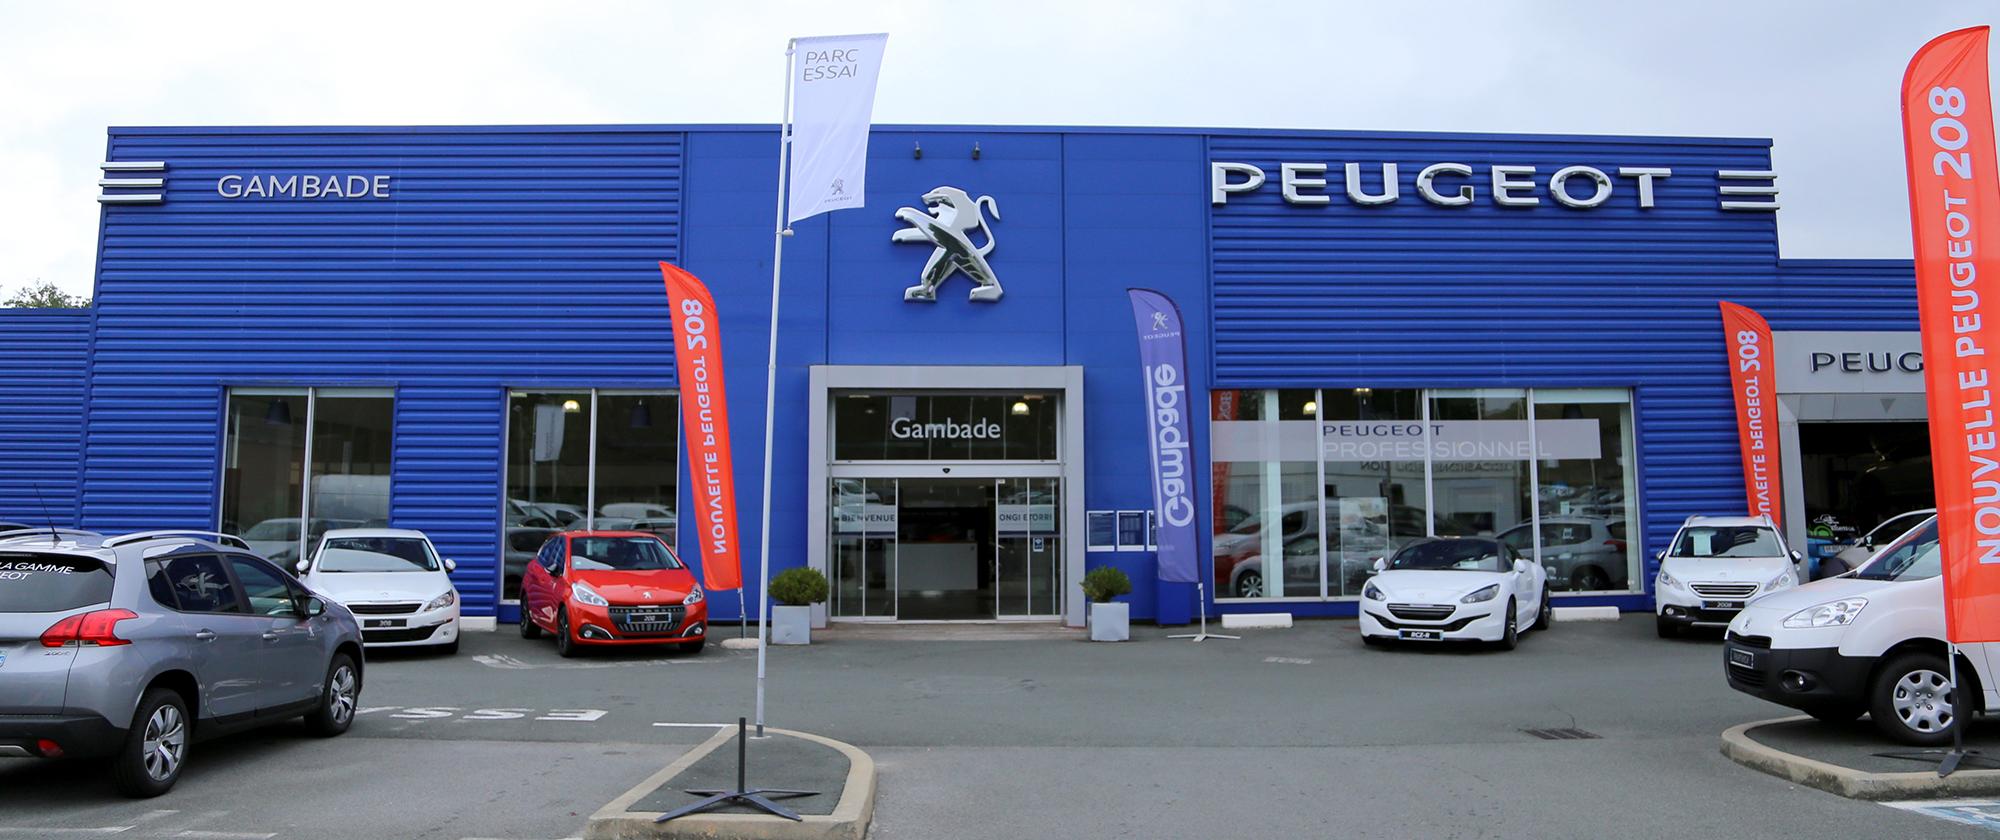 Peugeot Bayonne Autosphere Concessionnaire Peugeot Bassussarry